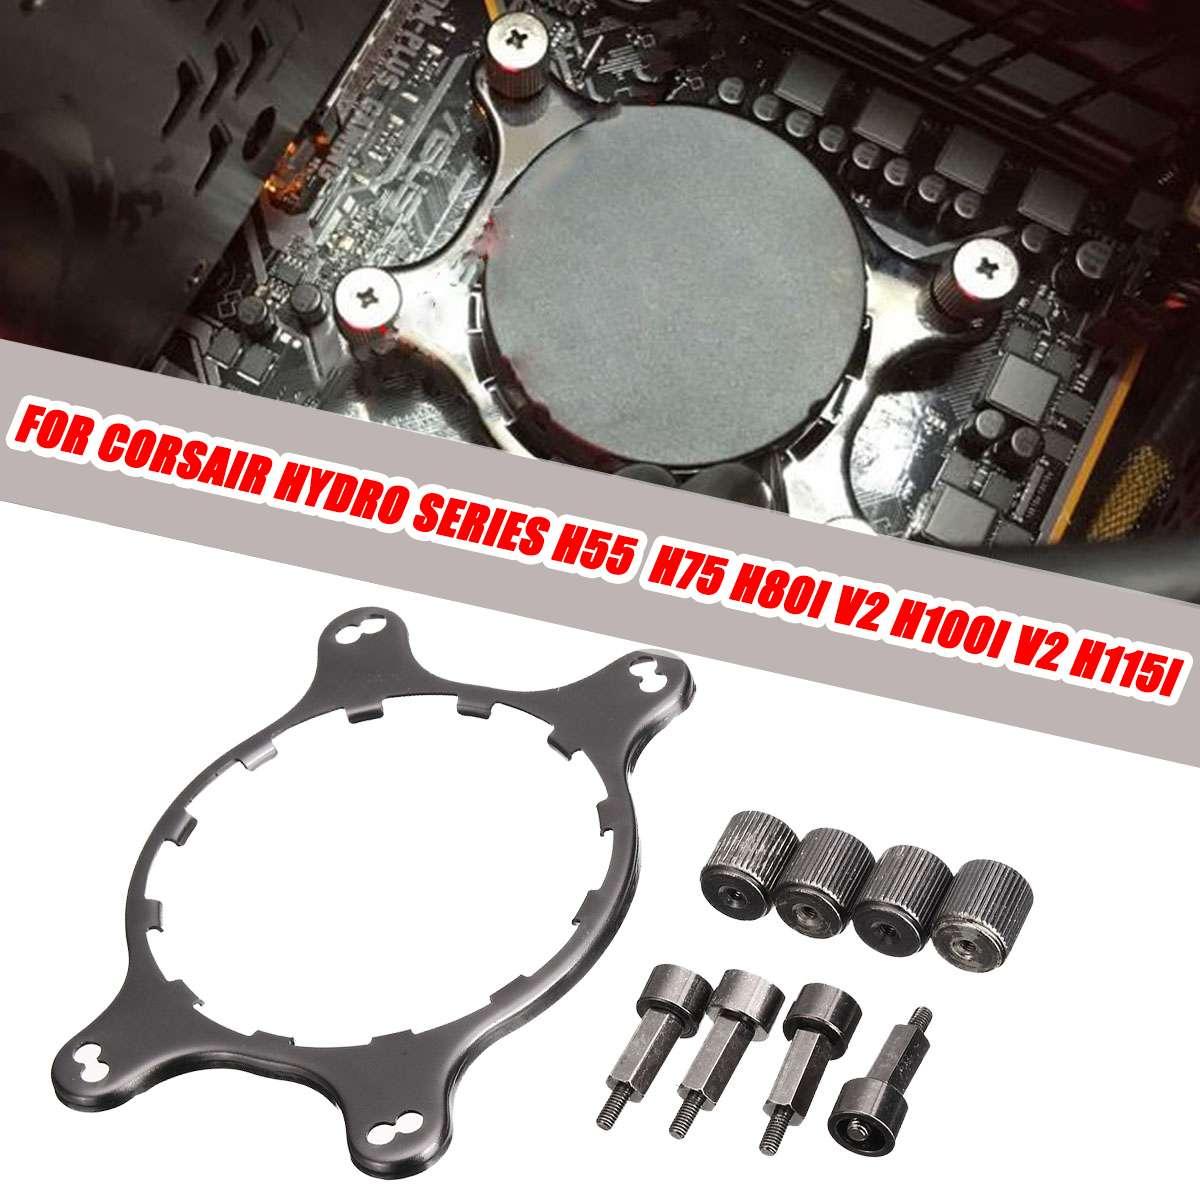 LEORY CPU Cooler AM4 Water Cooling Cooler Mounting Bracket Kit For CORSAIR Hydro Series H45 H55 H60 H75 H80I V2 H100i V2 H115i